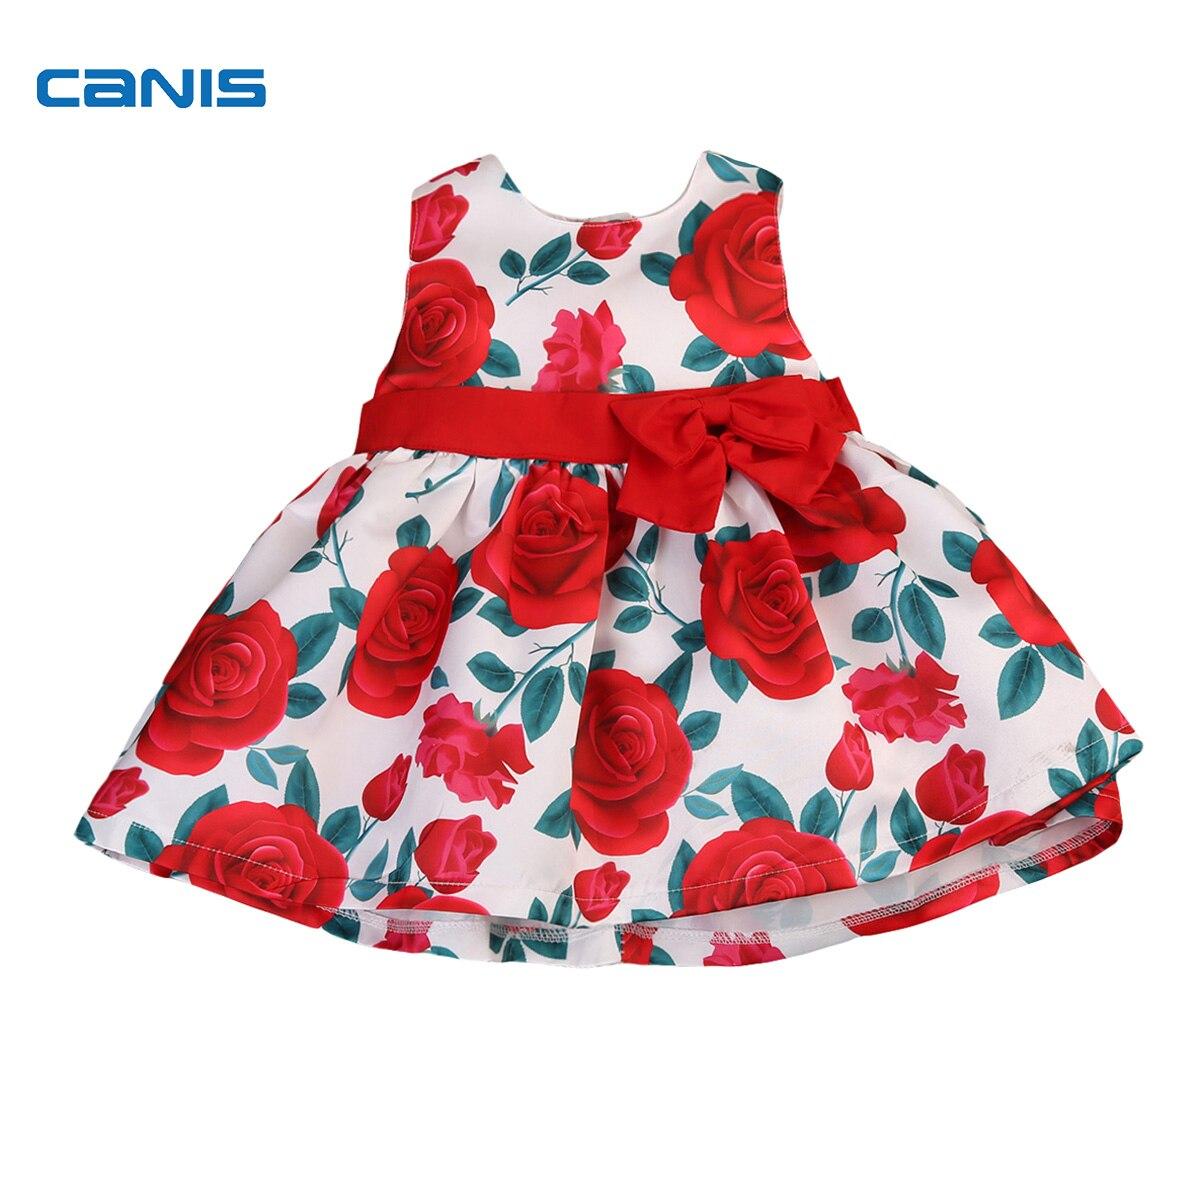 Luxus Kinder Mädchen Rose Blume Kleid Formale Partei Sleeveless Kid ...